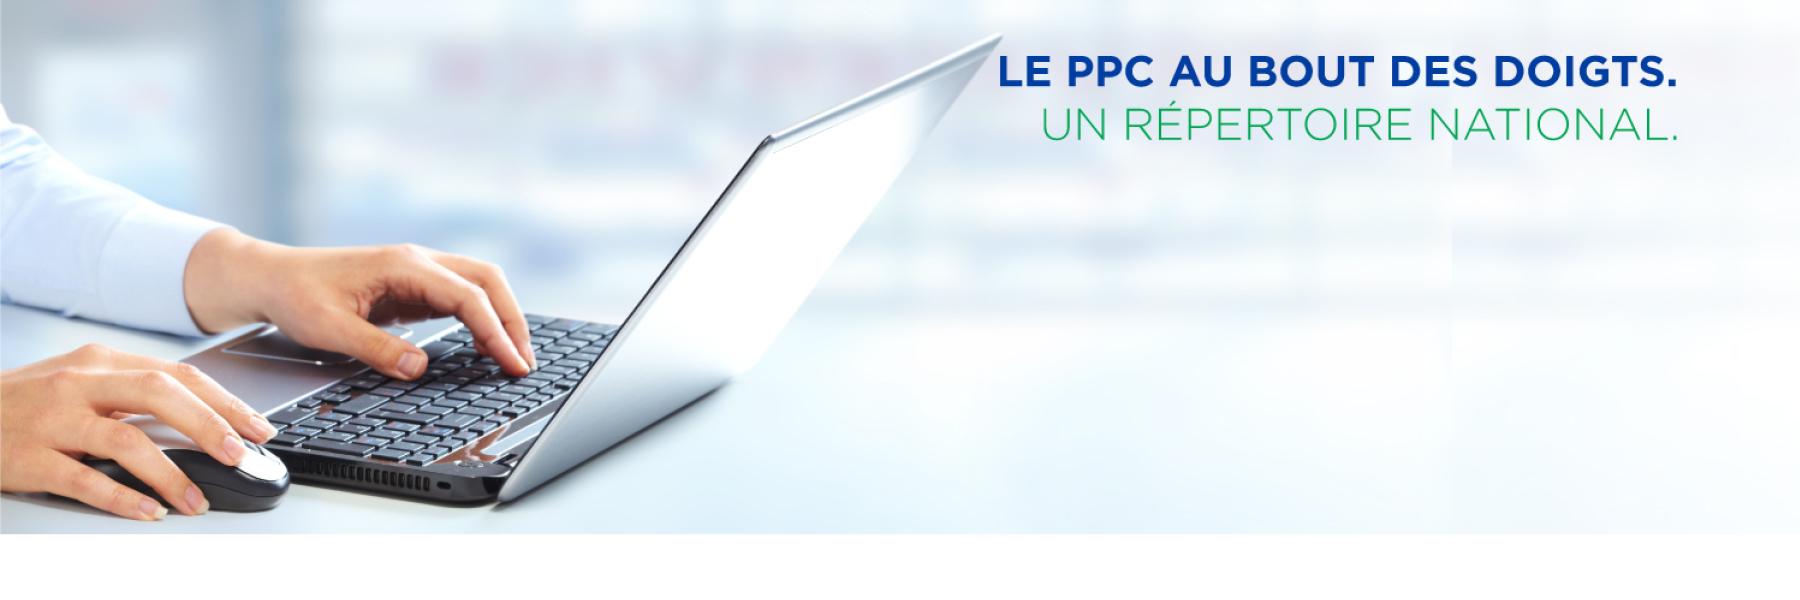 PPC-2